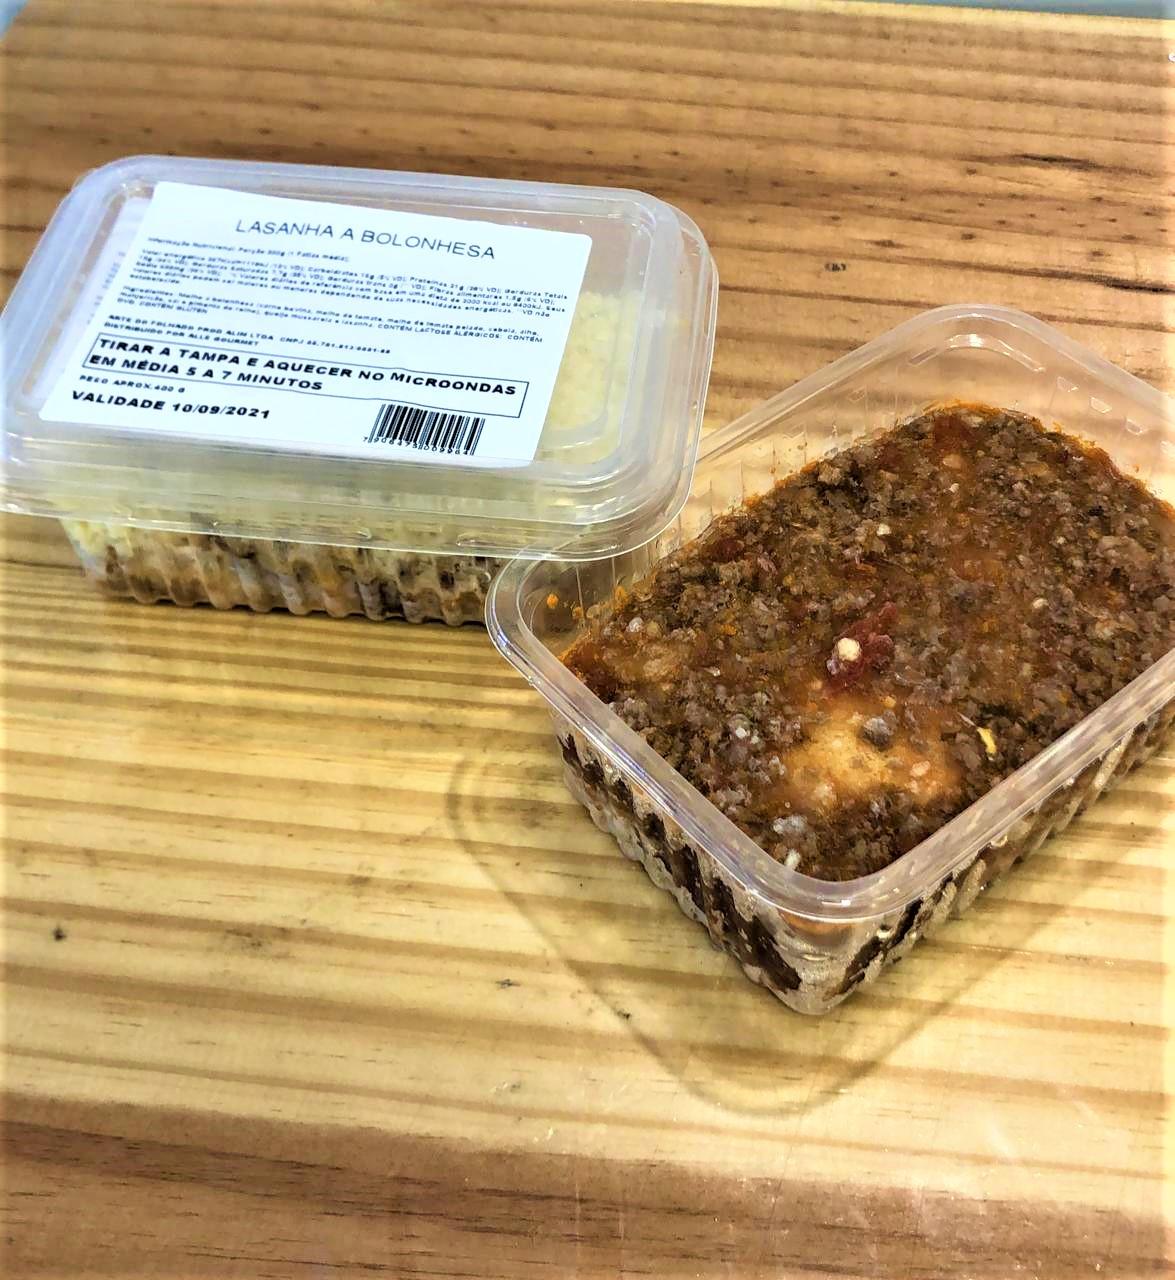 Porçao individual de lasanha à bolonhesa